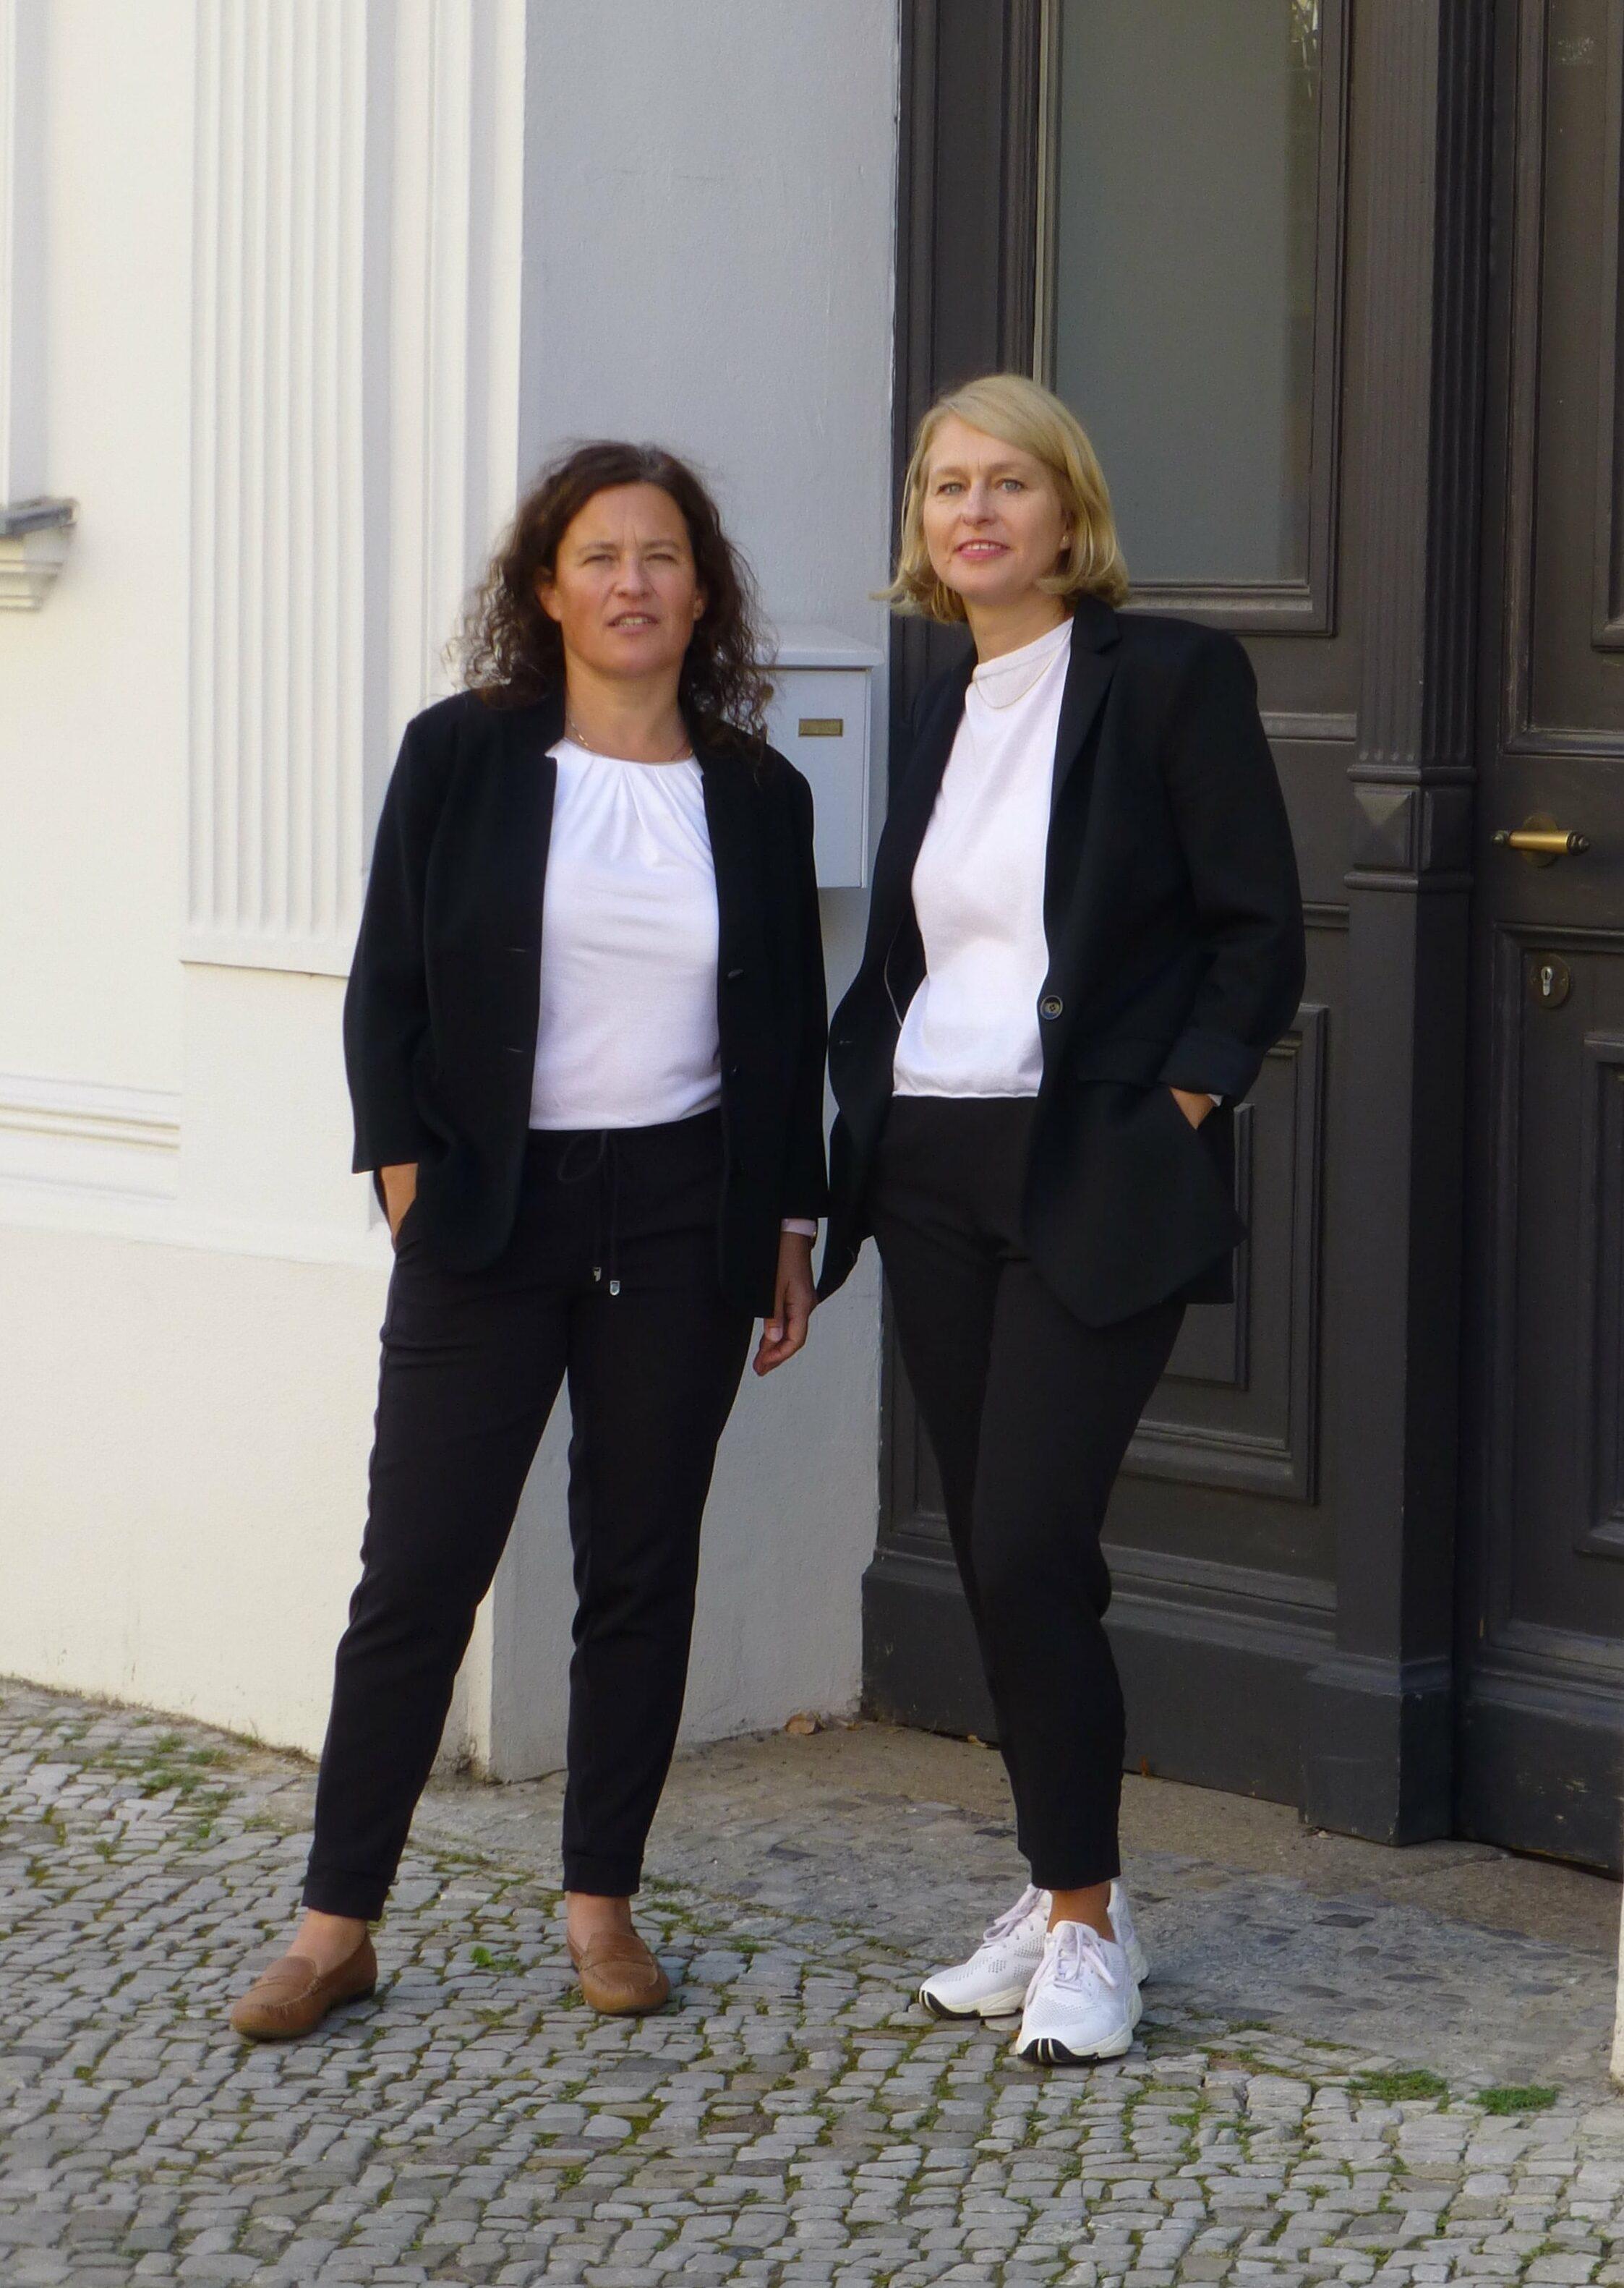 Bream Immobilien - Ihr Maklerinnenteam für Berlin-Kladow, Berlin-Gatow und Berlin-West